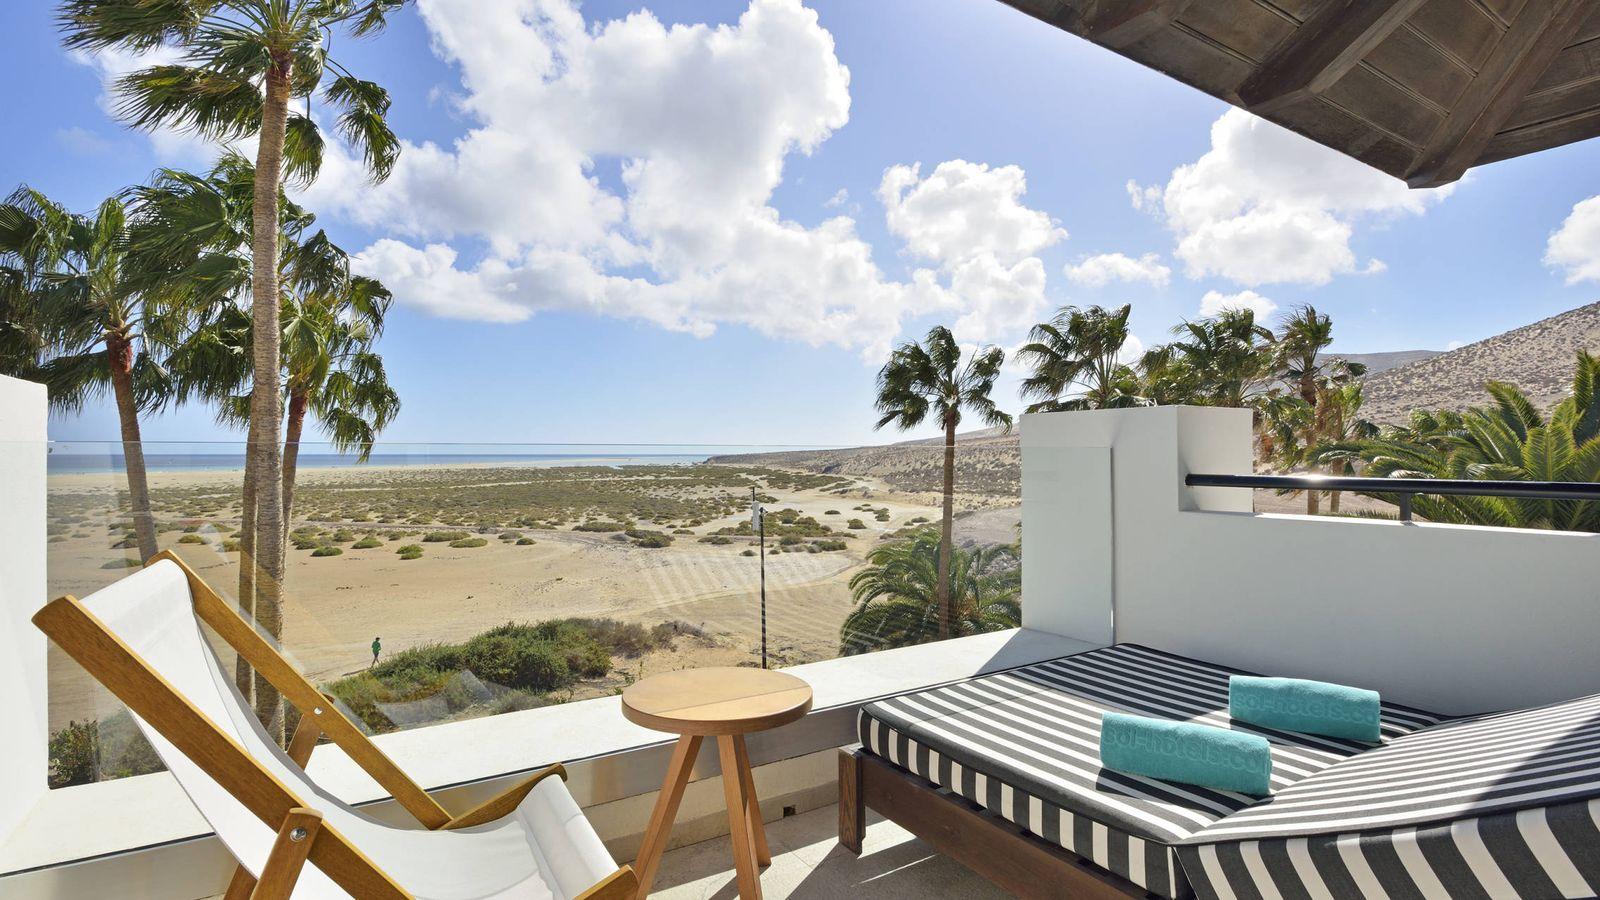 Foto: Lo que verás desde tu habitación del Sol Beach House de Fuerteventura. (Foto: Cortesía)